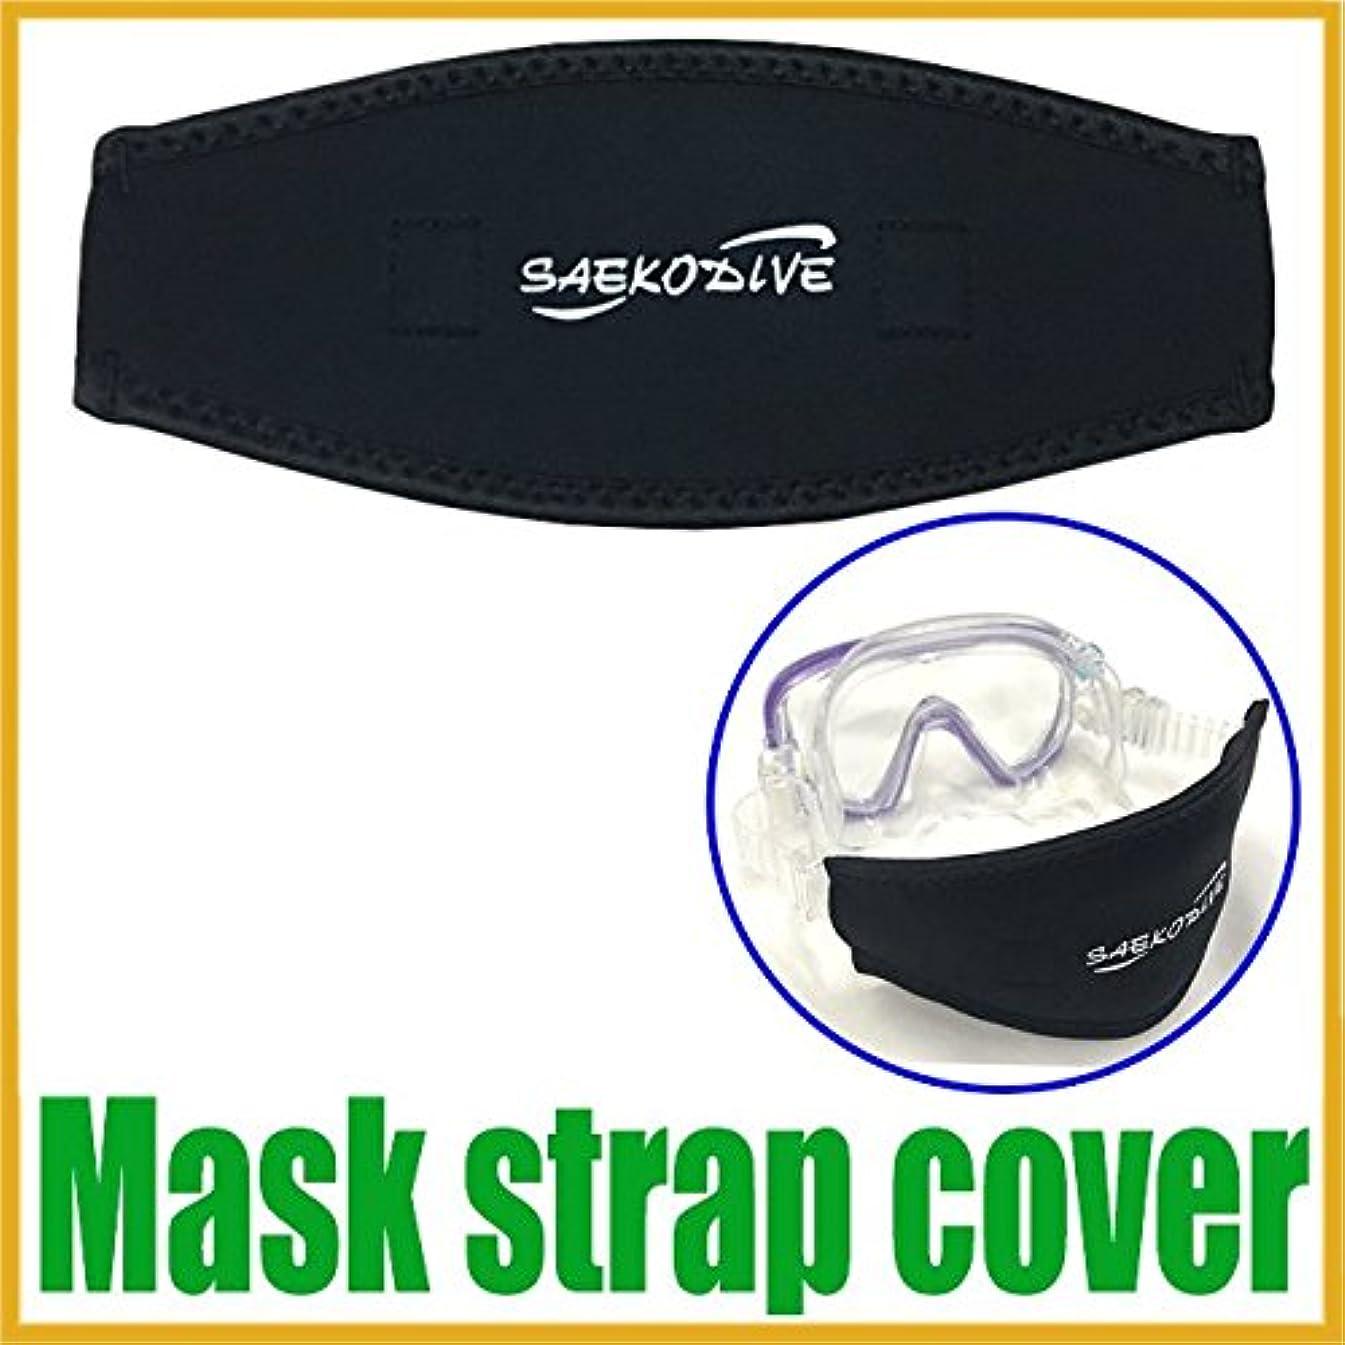 彼女自身運命良心的マスクストラップカバー マスクストラップセット マスク 水中メガネ